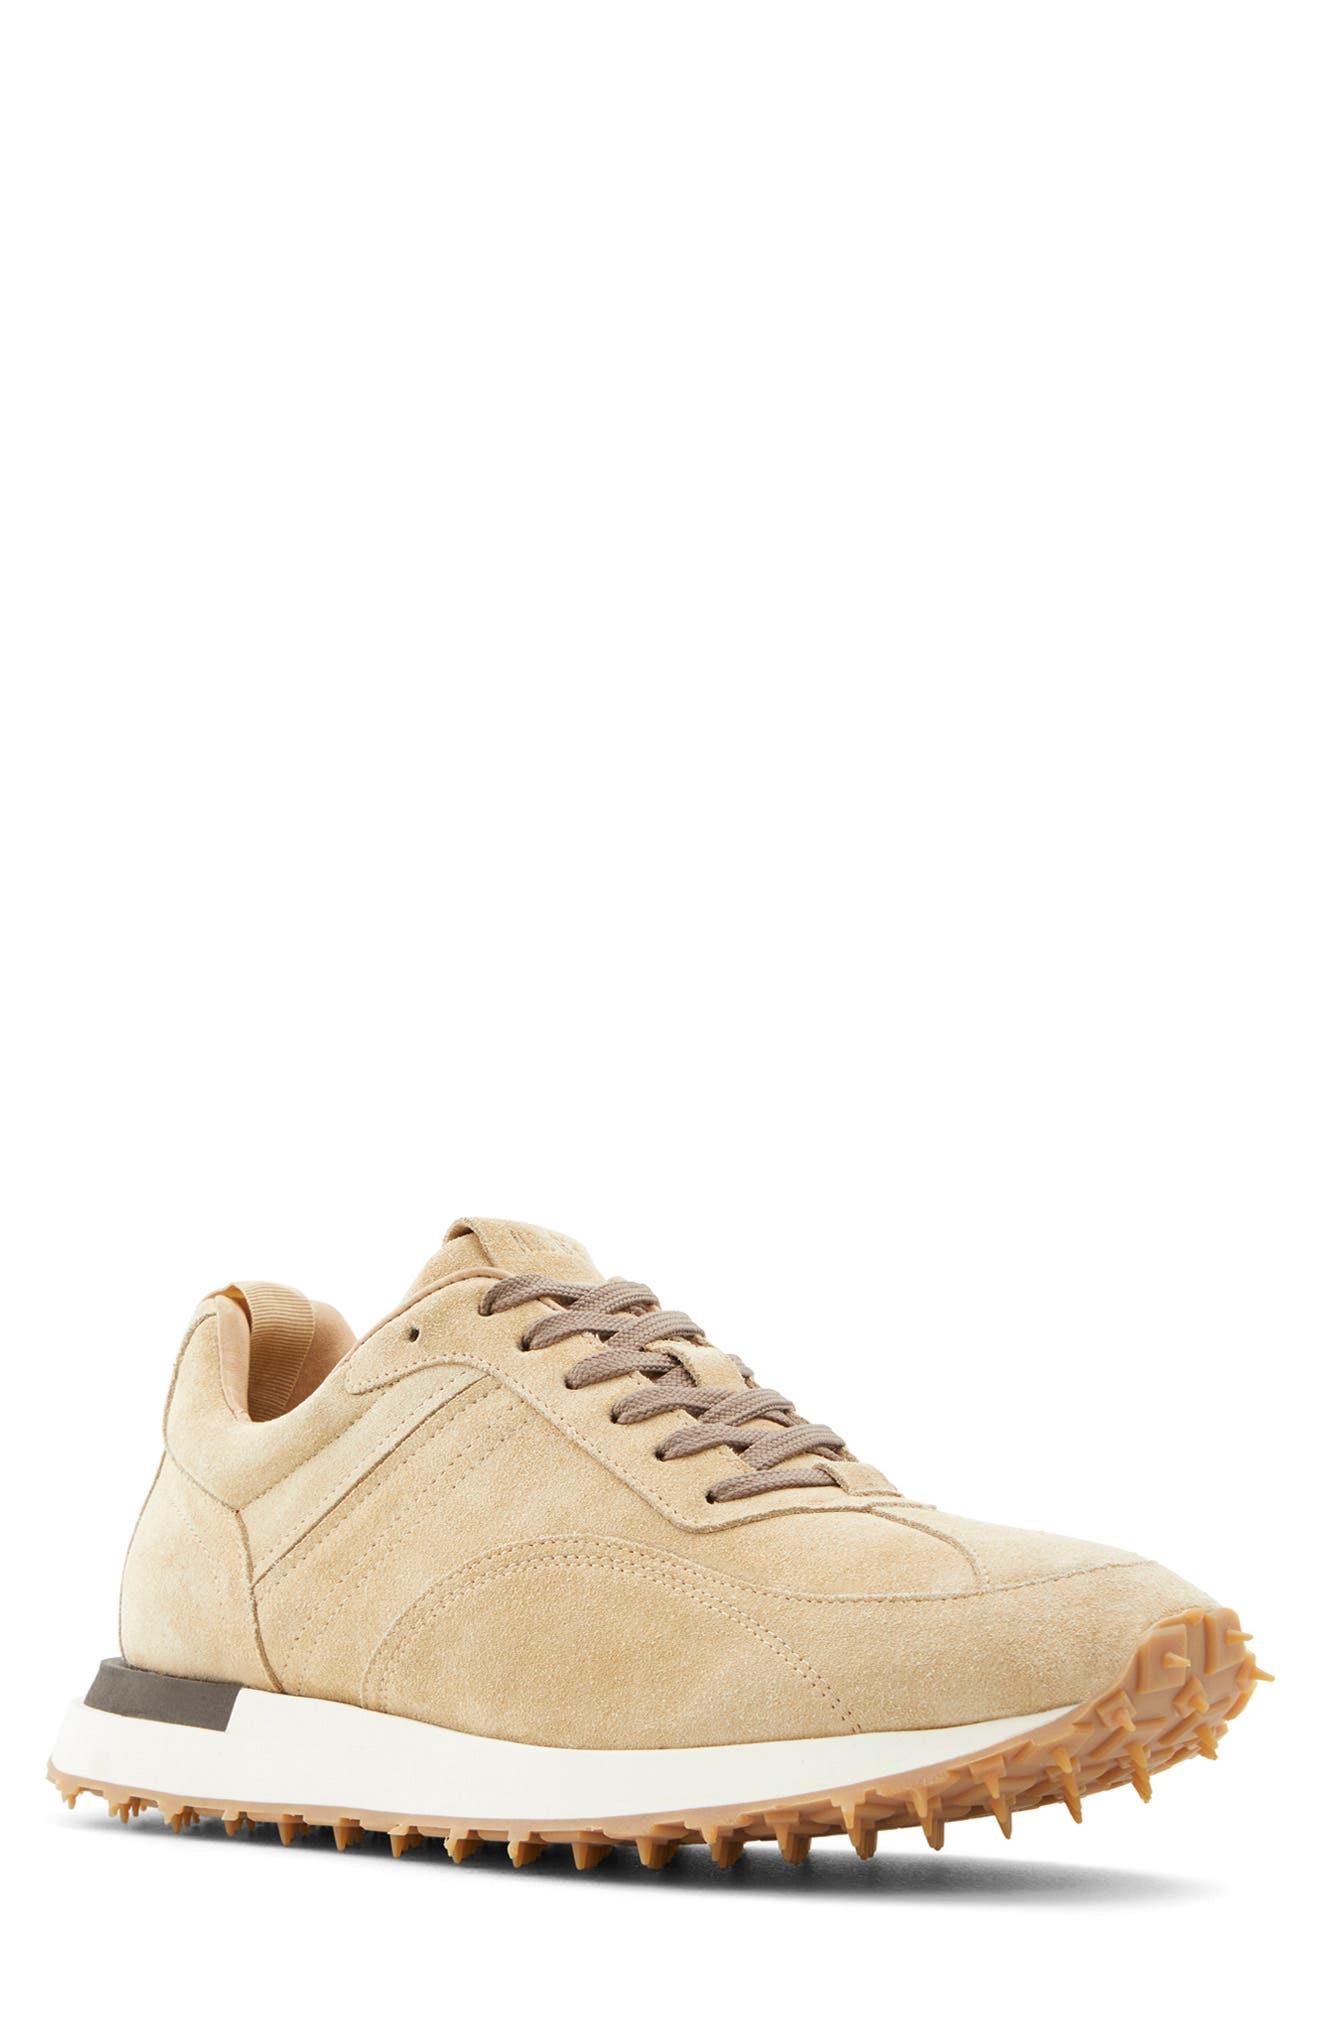 Men's Mr. B's Harveys Sneaker